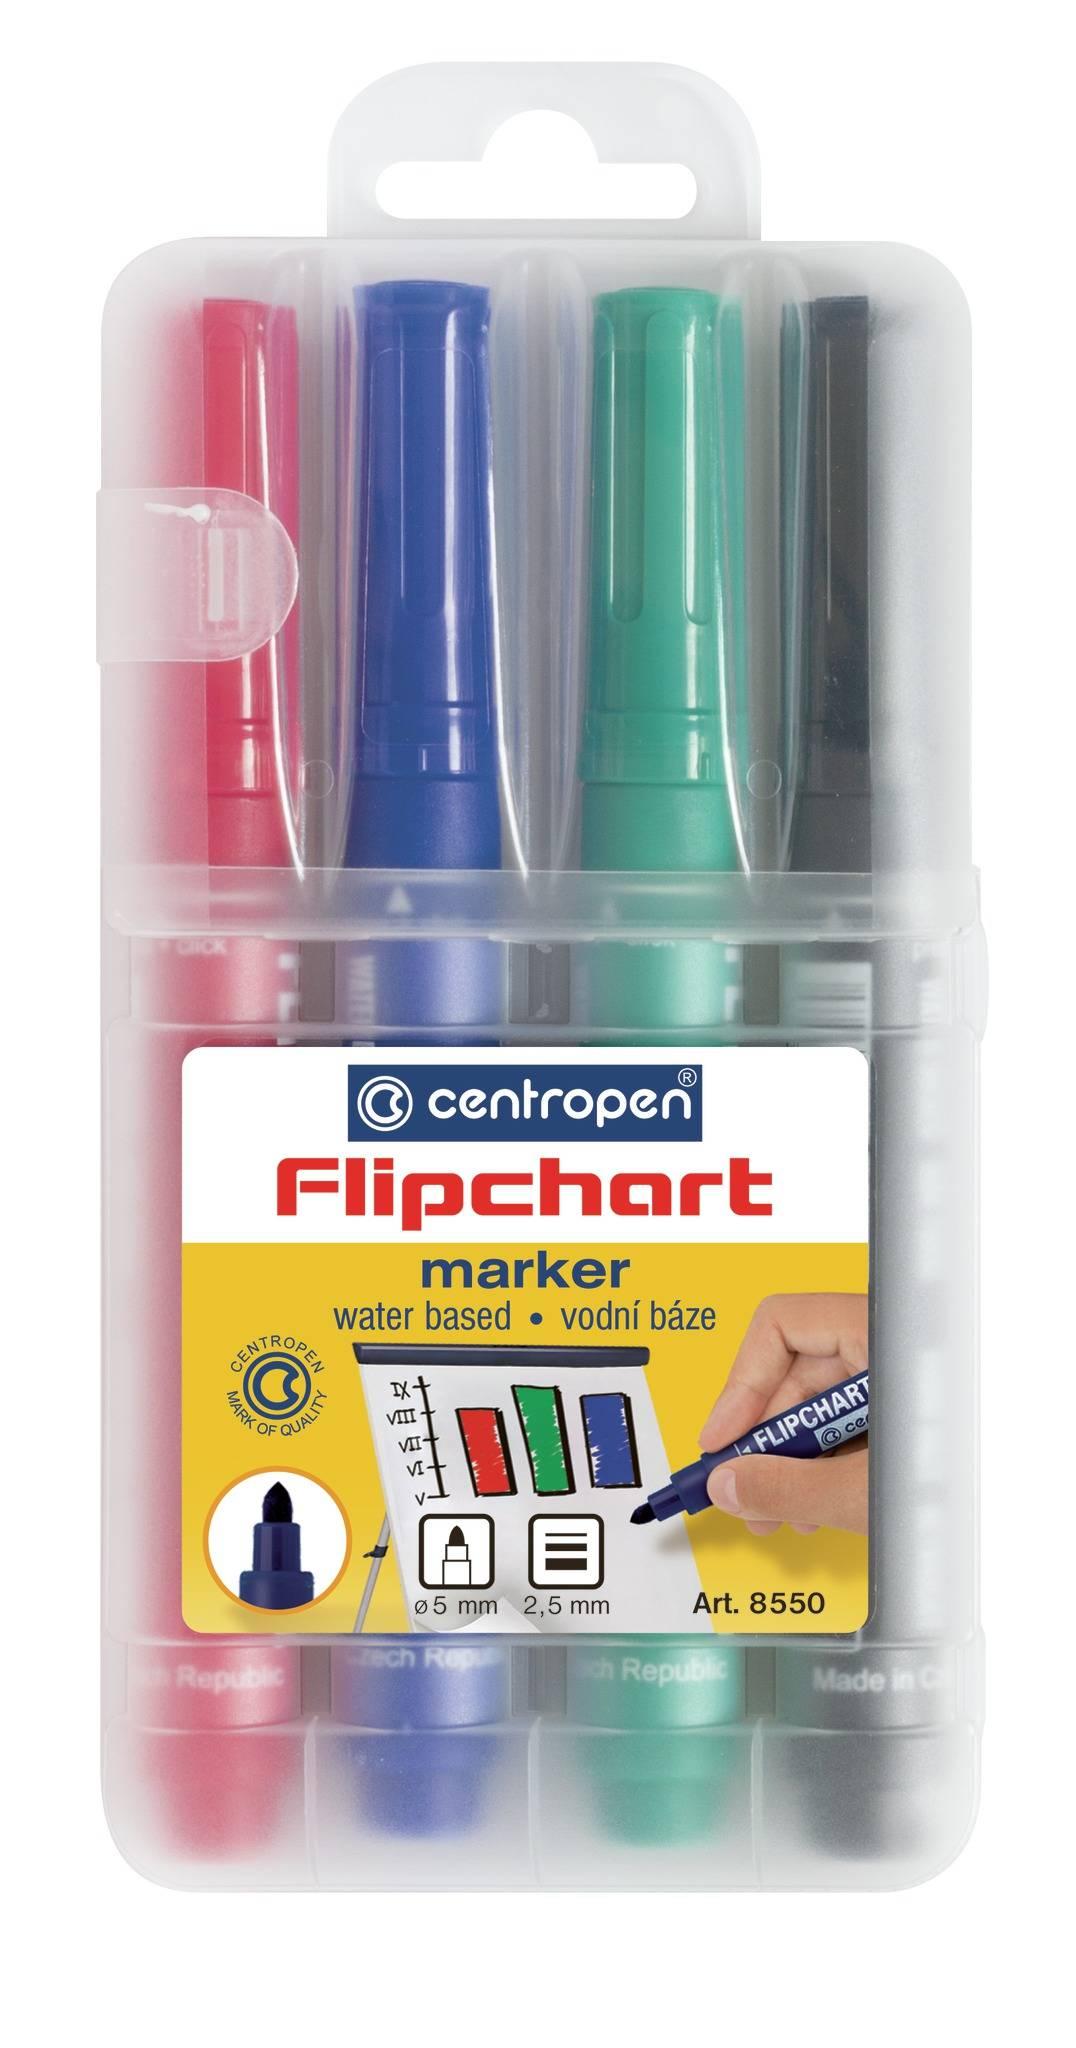 Набор маркеров для флипчартов CENTROPEN FLIPCHART 4 шт 2,5 мм ассорти круглый